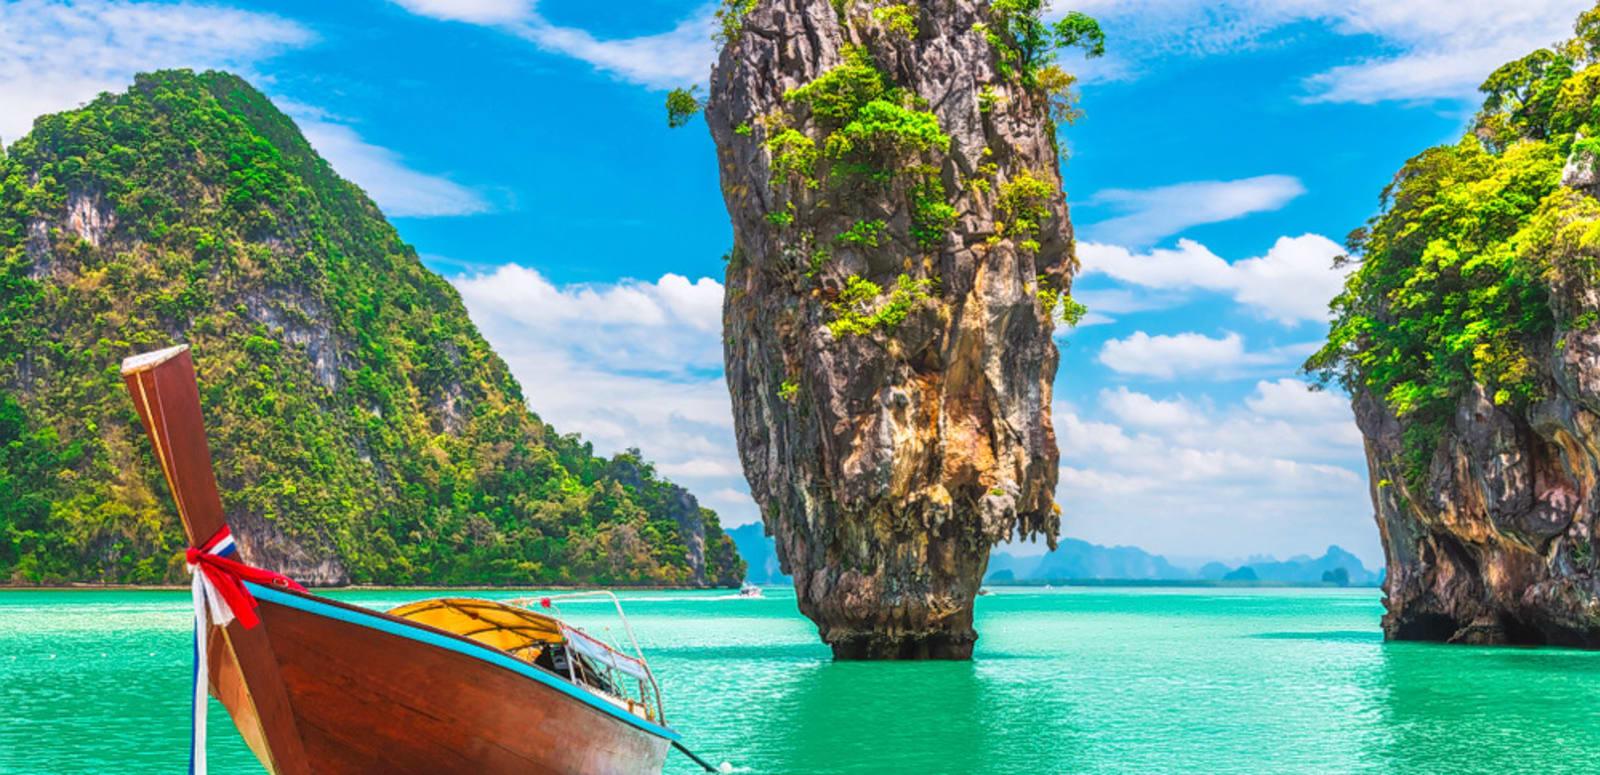 James Bond Island Trip From Krabi Flat 20 Off